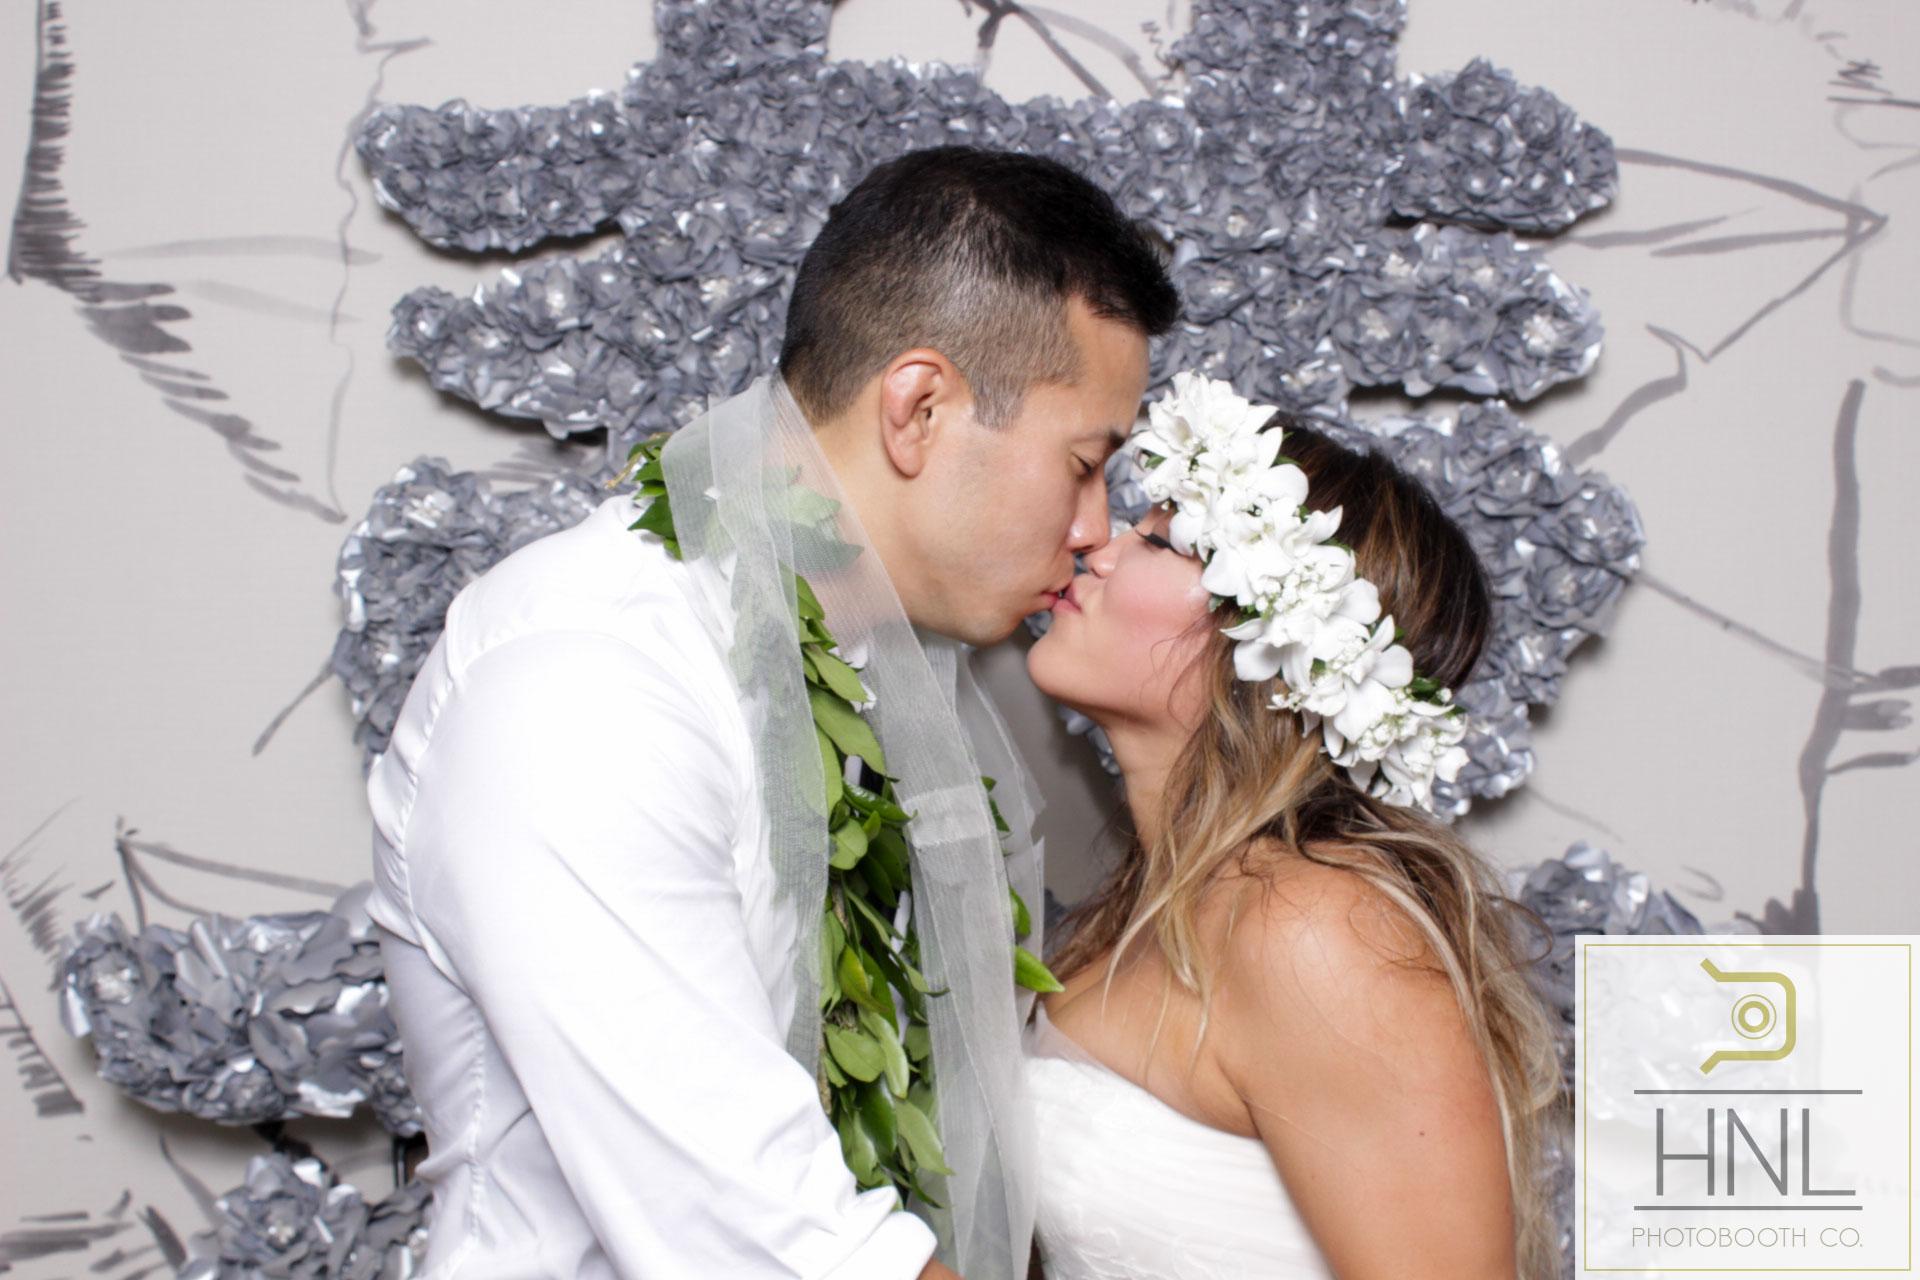 Amanda + Eric Wedding Photo Booth The Modern Honolulu Oahu Hawaii W-141.jpg